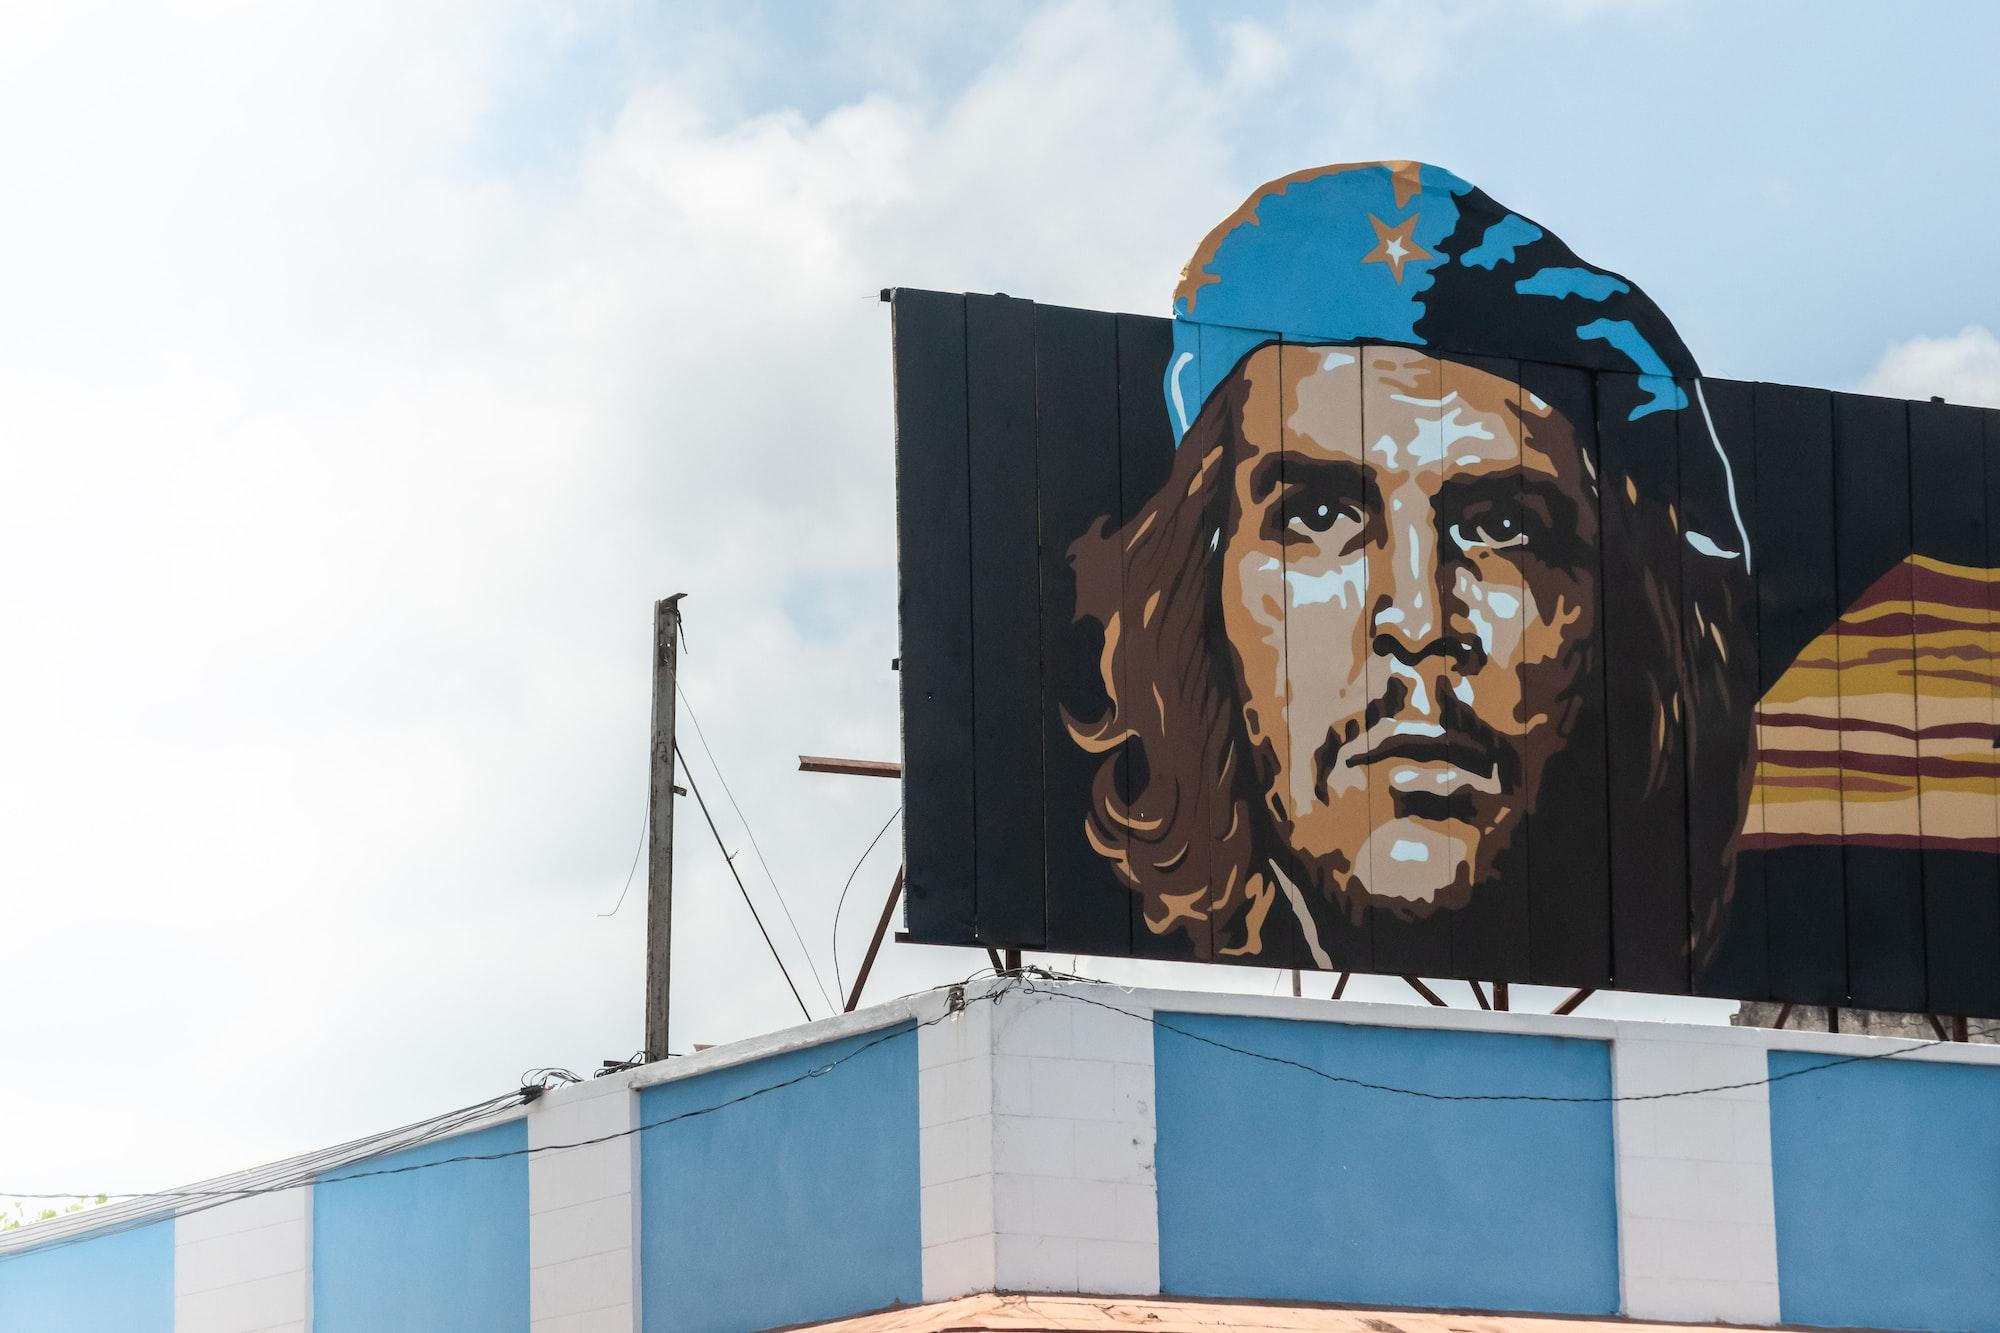 Che Guevara sau mitul comunismului bine intenționat